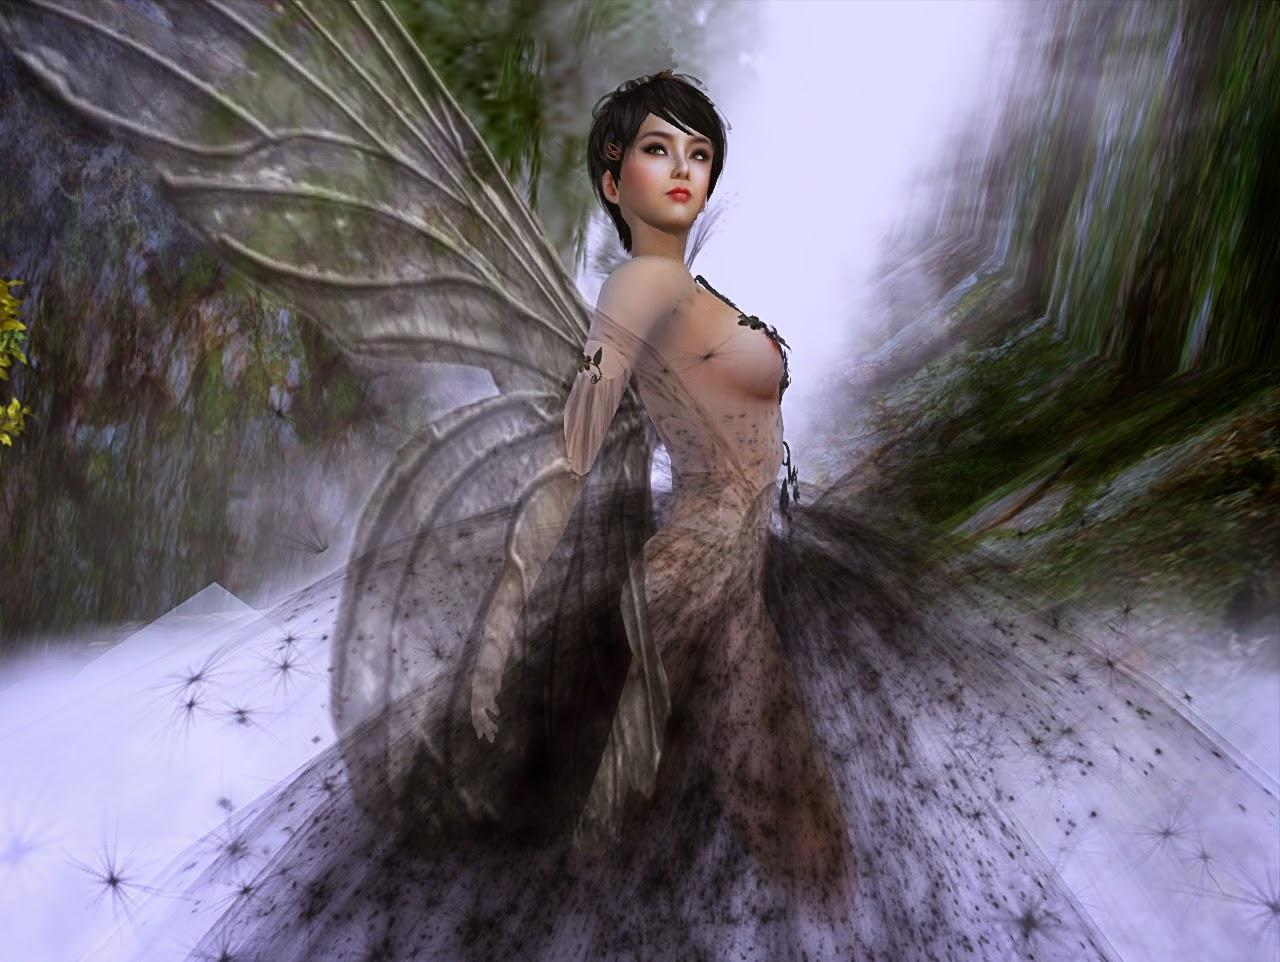 Mariko Nightfire: A Virtual Life: Mariko Magic: Faerie Myst